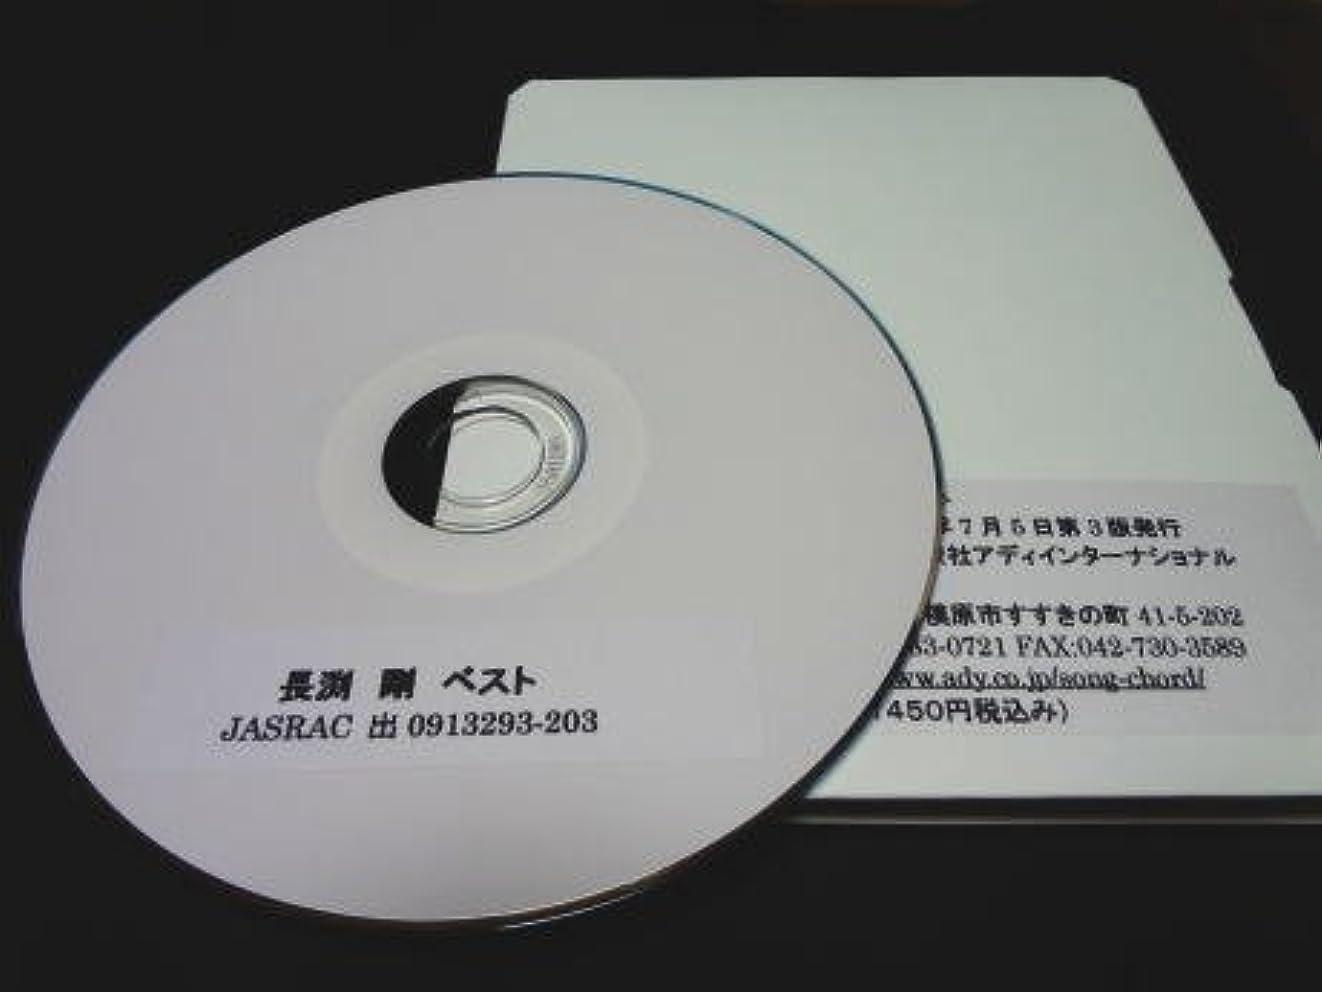 ギターコード譜シリーズ(CD-R版) 長渕 剛 ベスト (アルバム「Stay Alive」収録 全187曲)